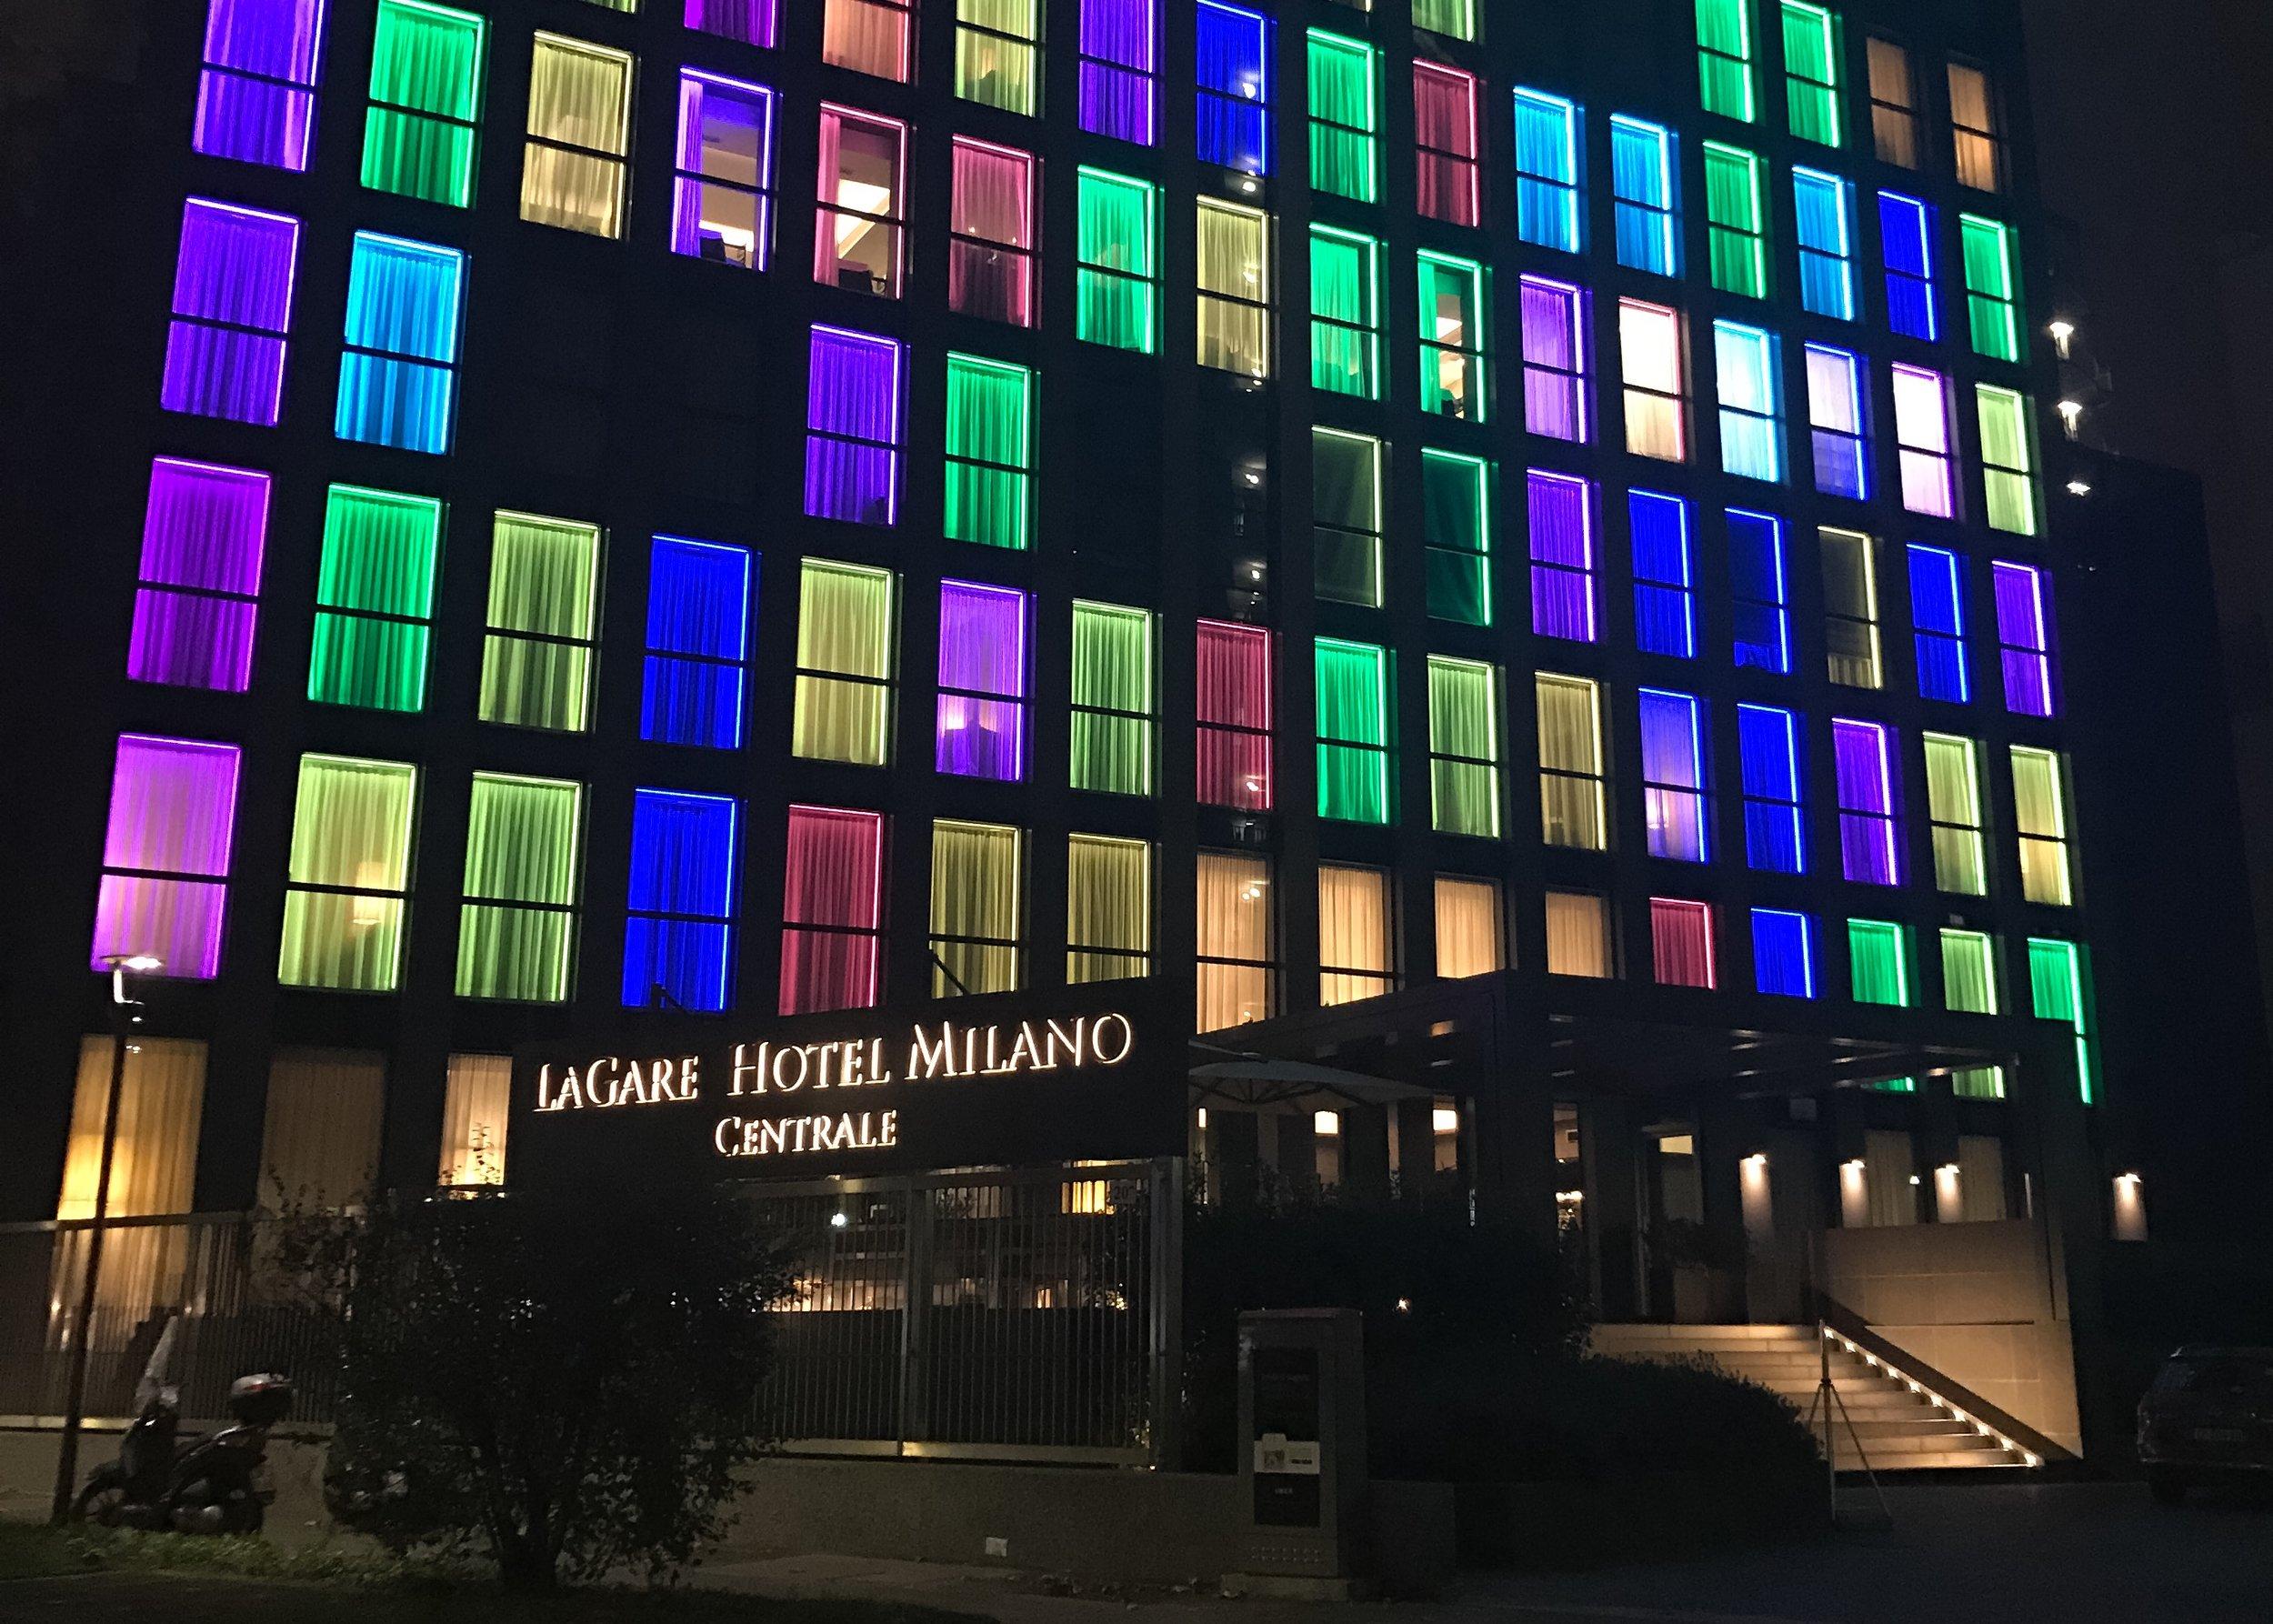 La Gare Hotel